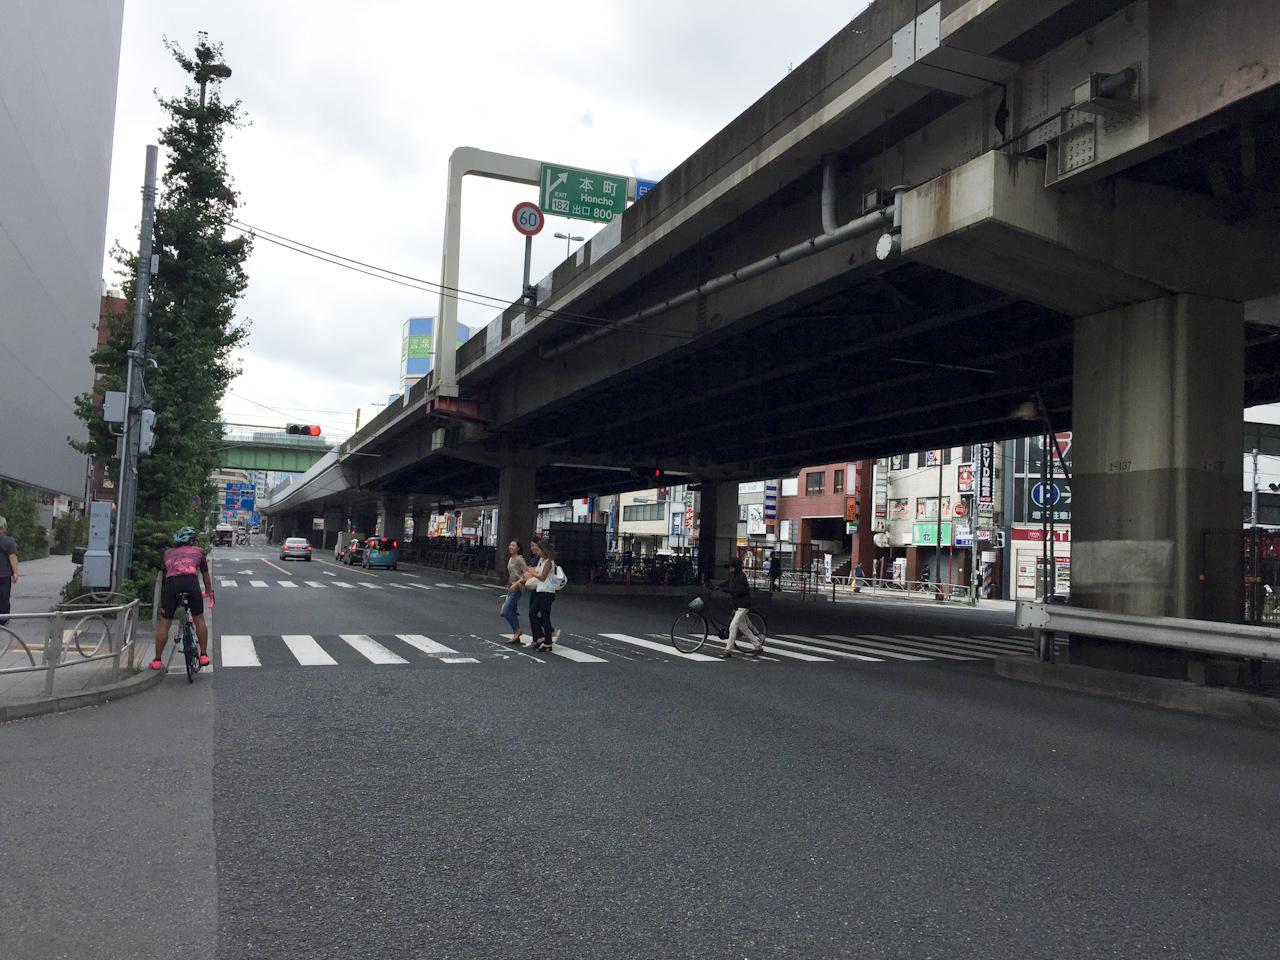 銀座 サイクリング 秋葉原